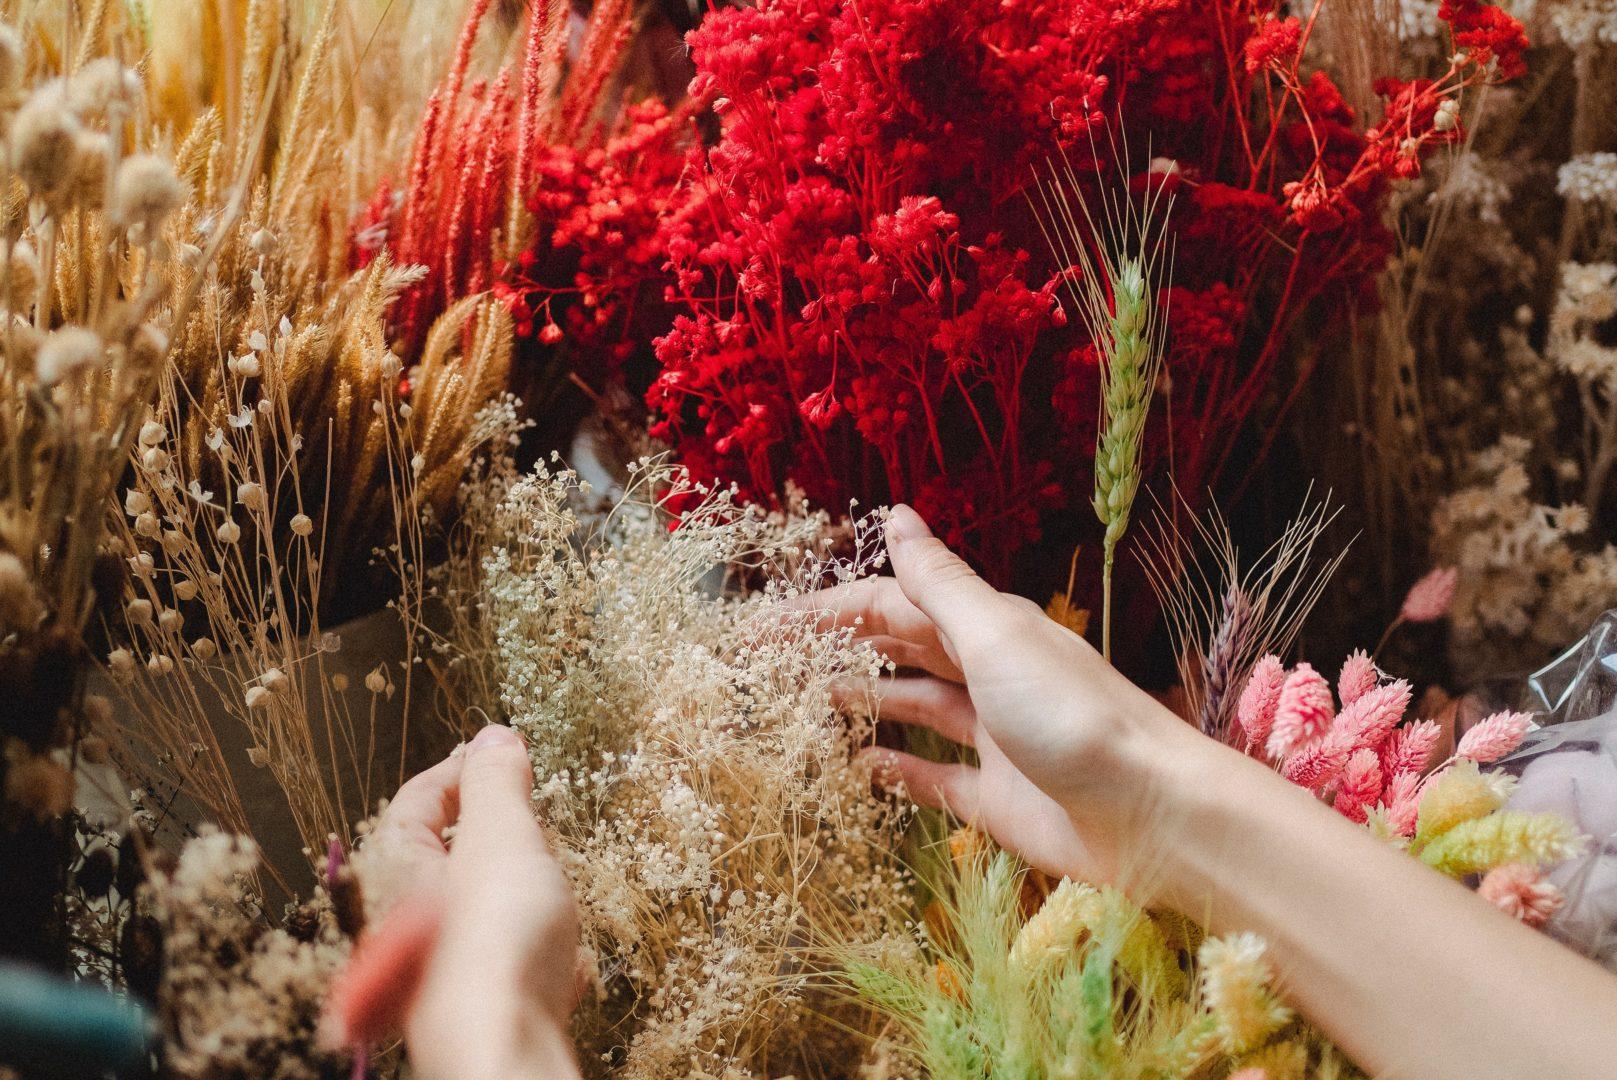 Upcykling z pomysłem – wszystko w zasięgu ręki – Materiały wzięte z natury